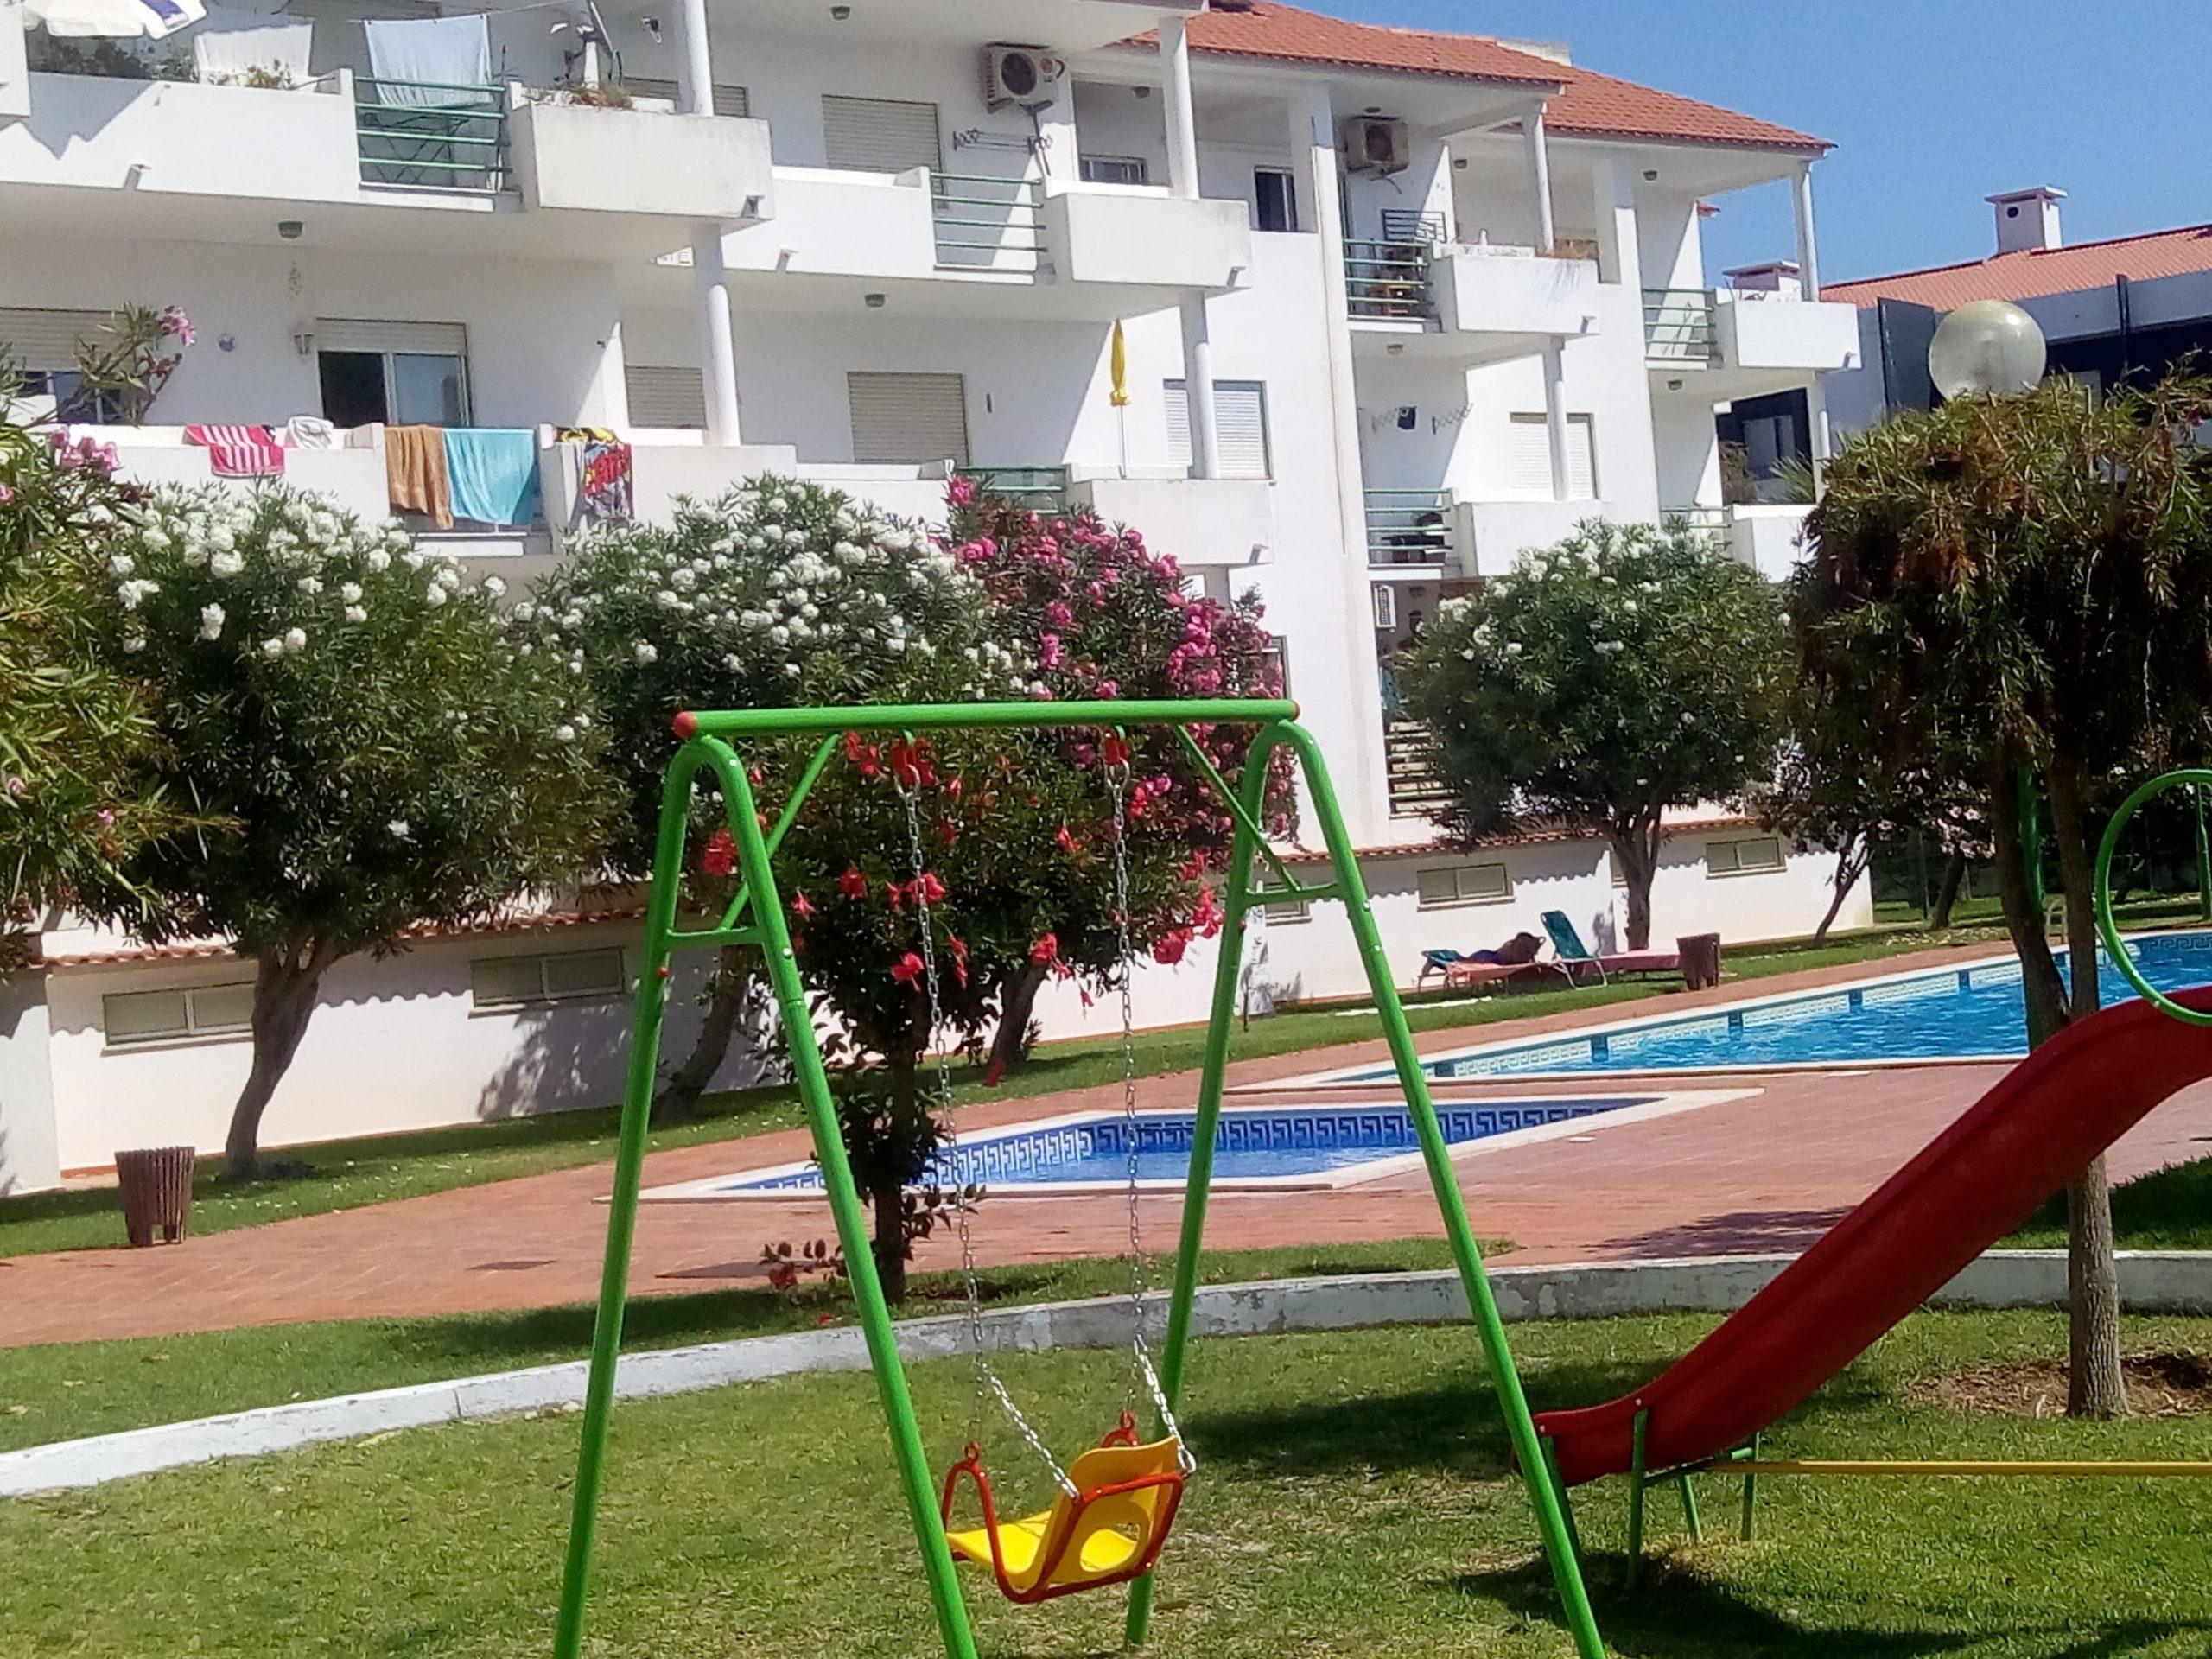 Holiday apartments and villas for rent, Apartamento 4 pessoas à beira mar com piscina Albufeira in Albufeira, Portugal Algarve, REF_IMG_15094_15096